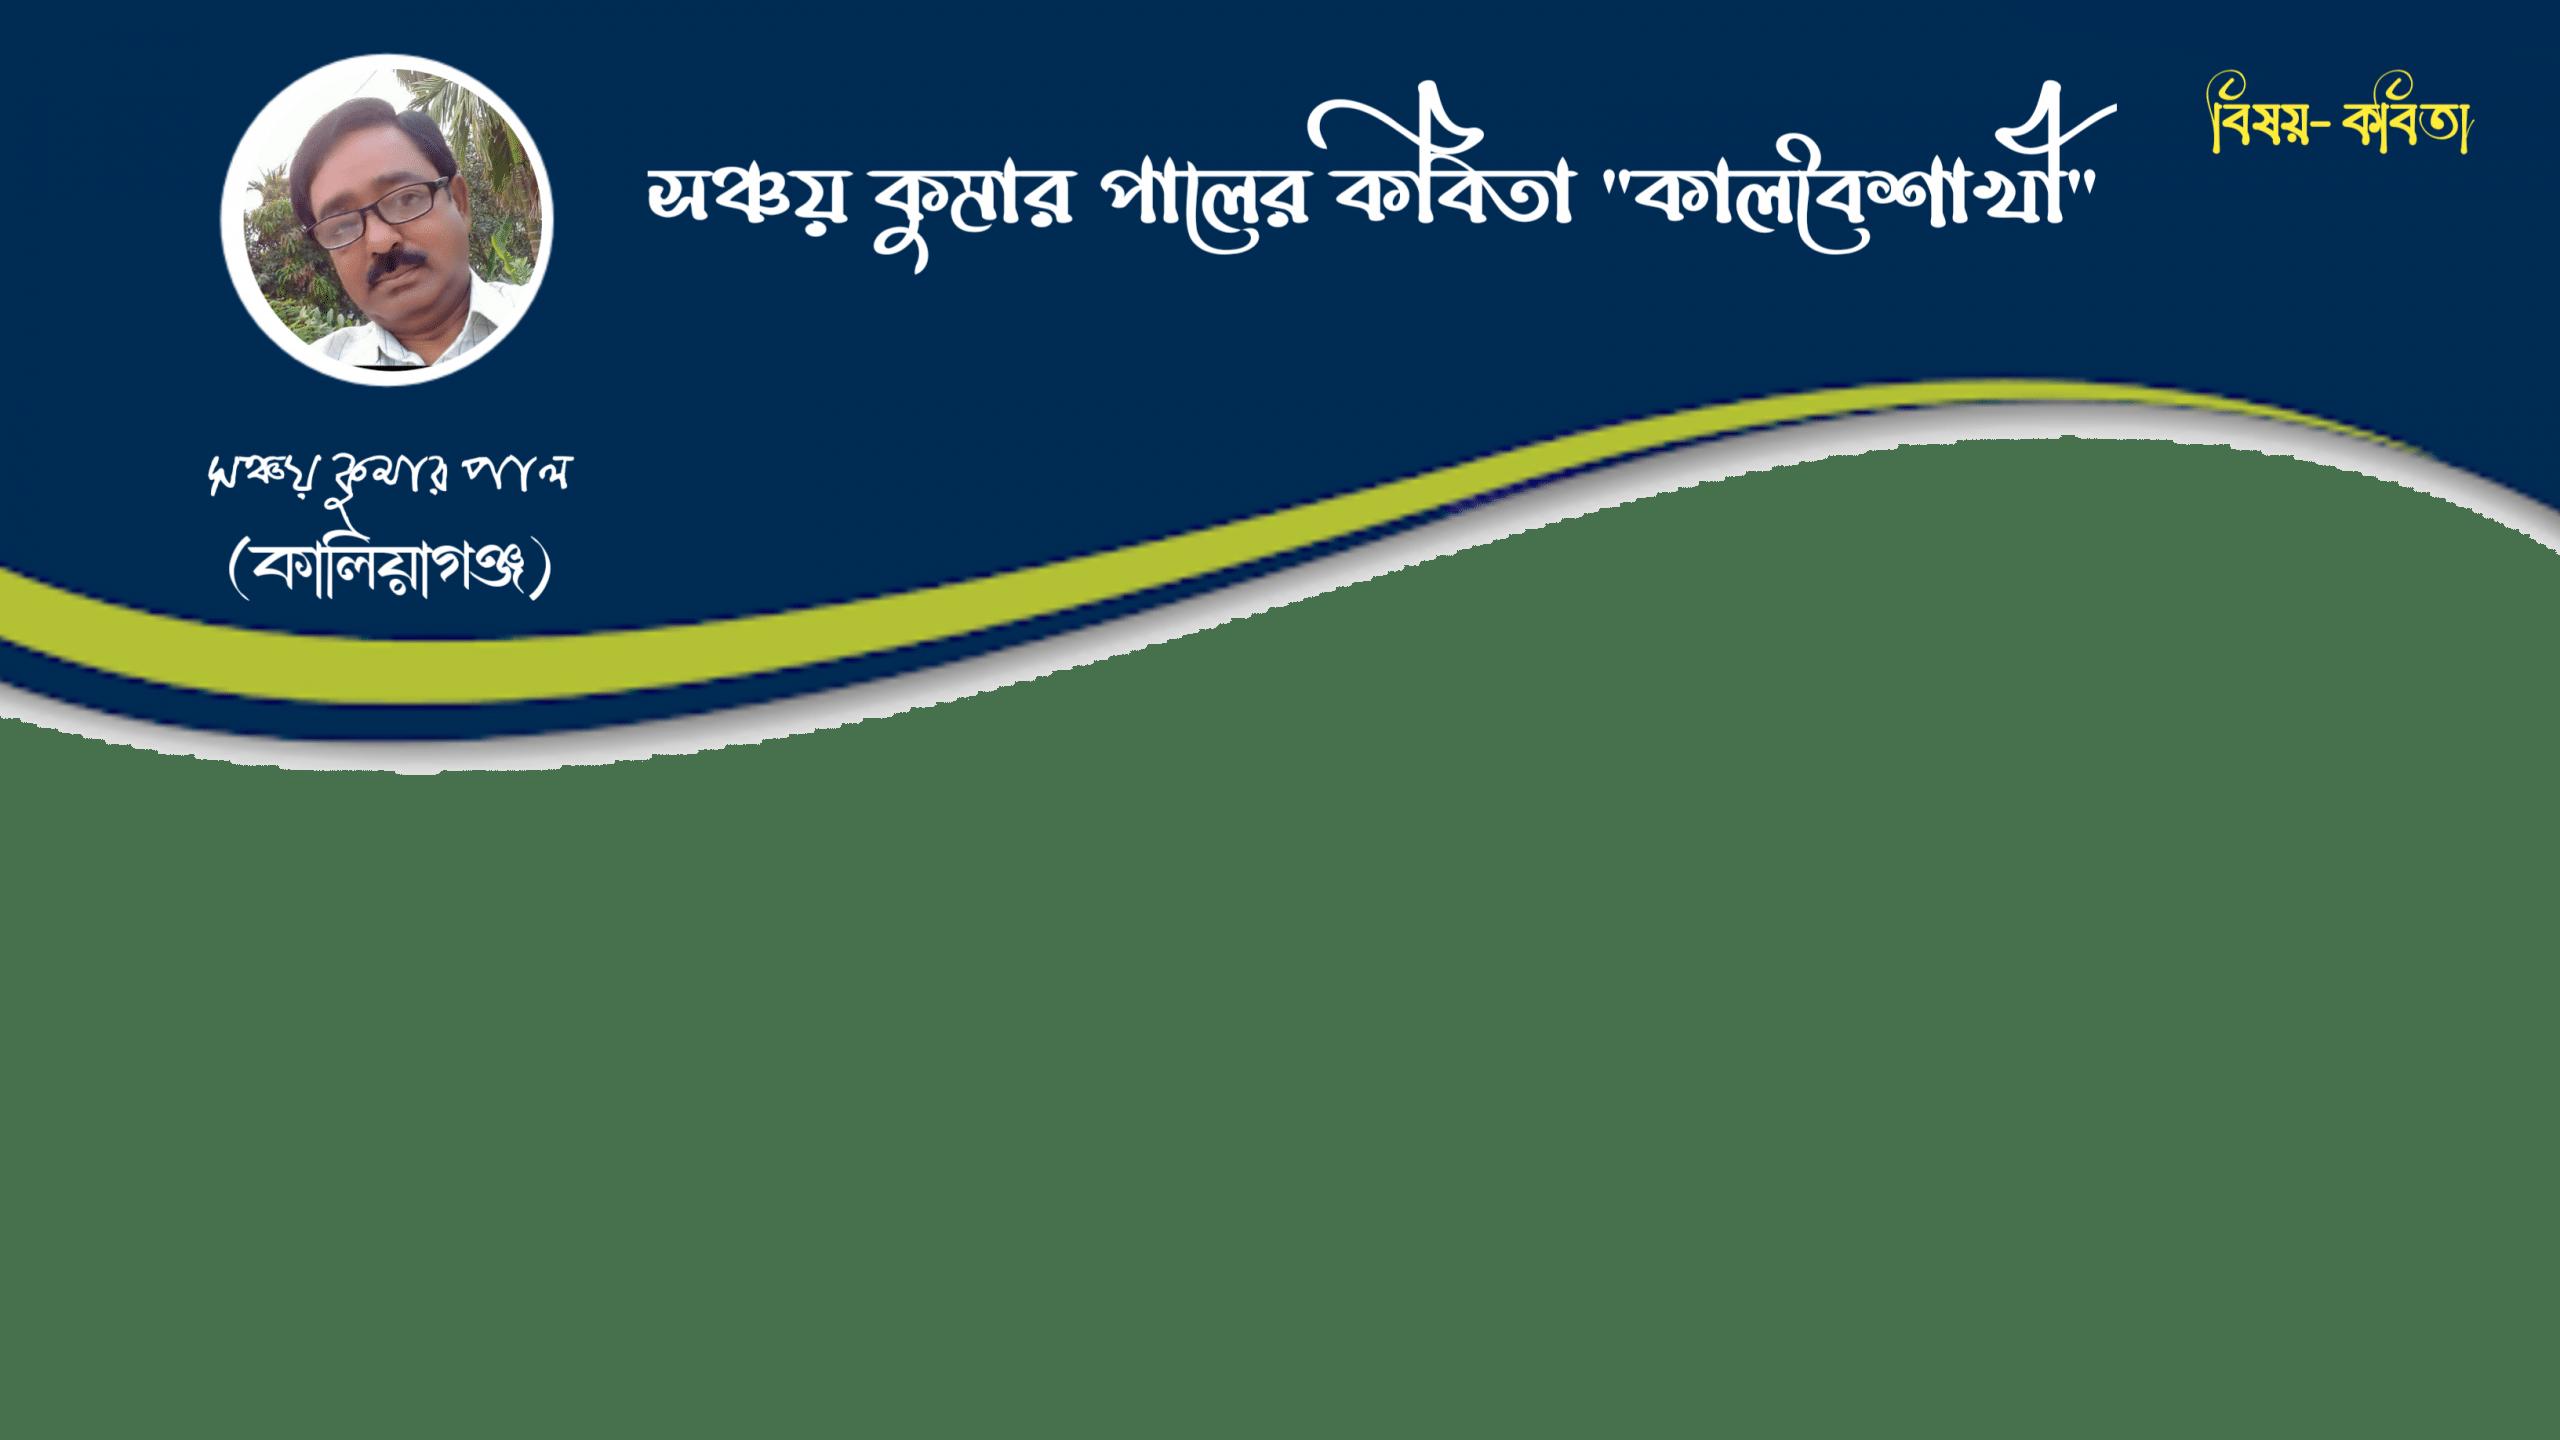 bengal live portzine bangla kobita sanchay kumar pal